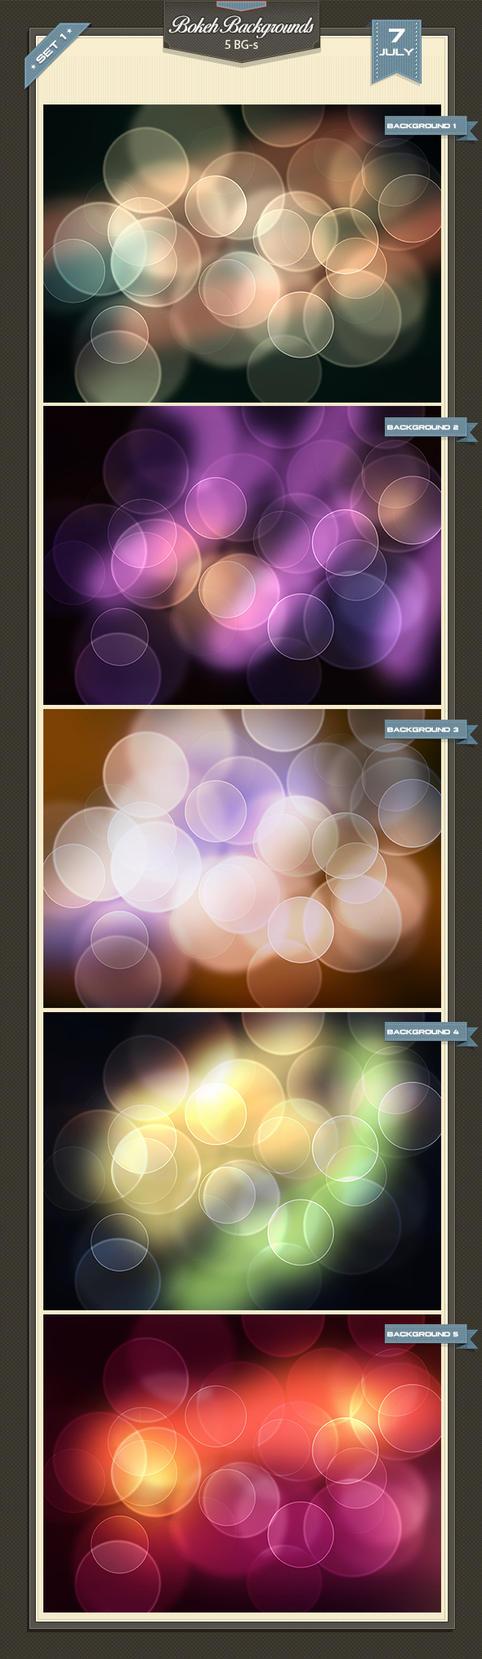 Bokeh Backgrounds 1 by baturaN